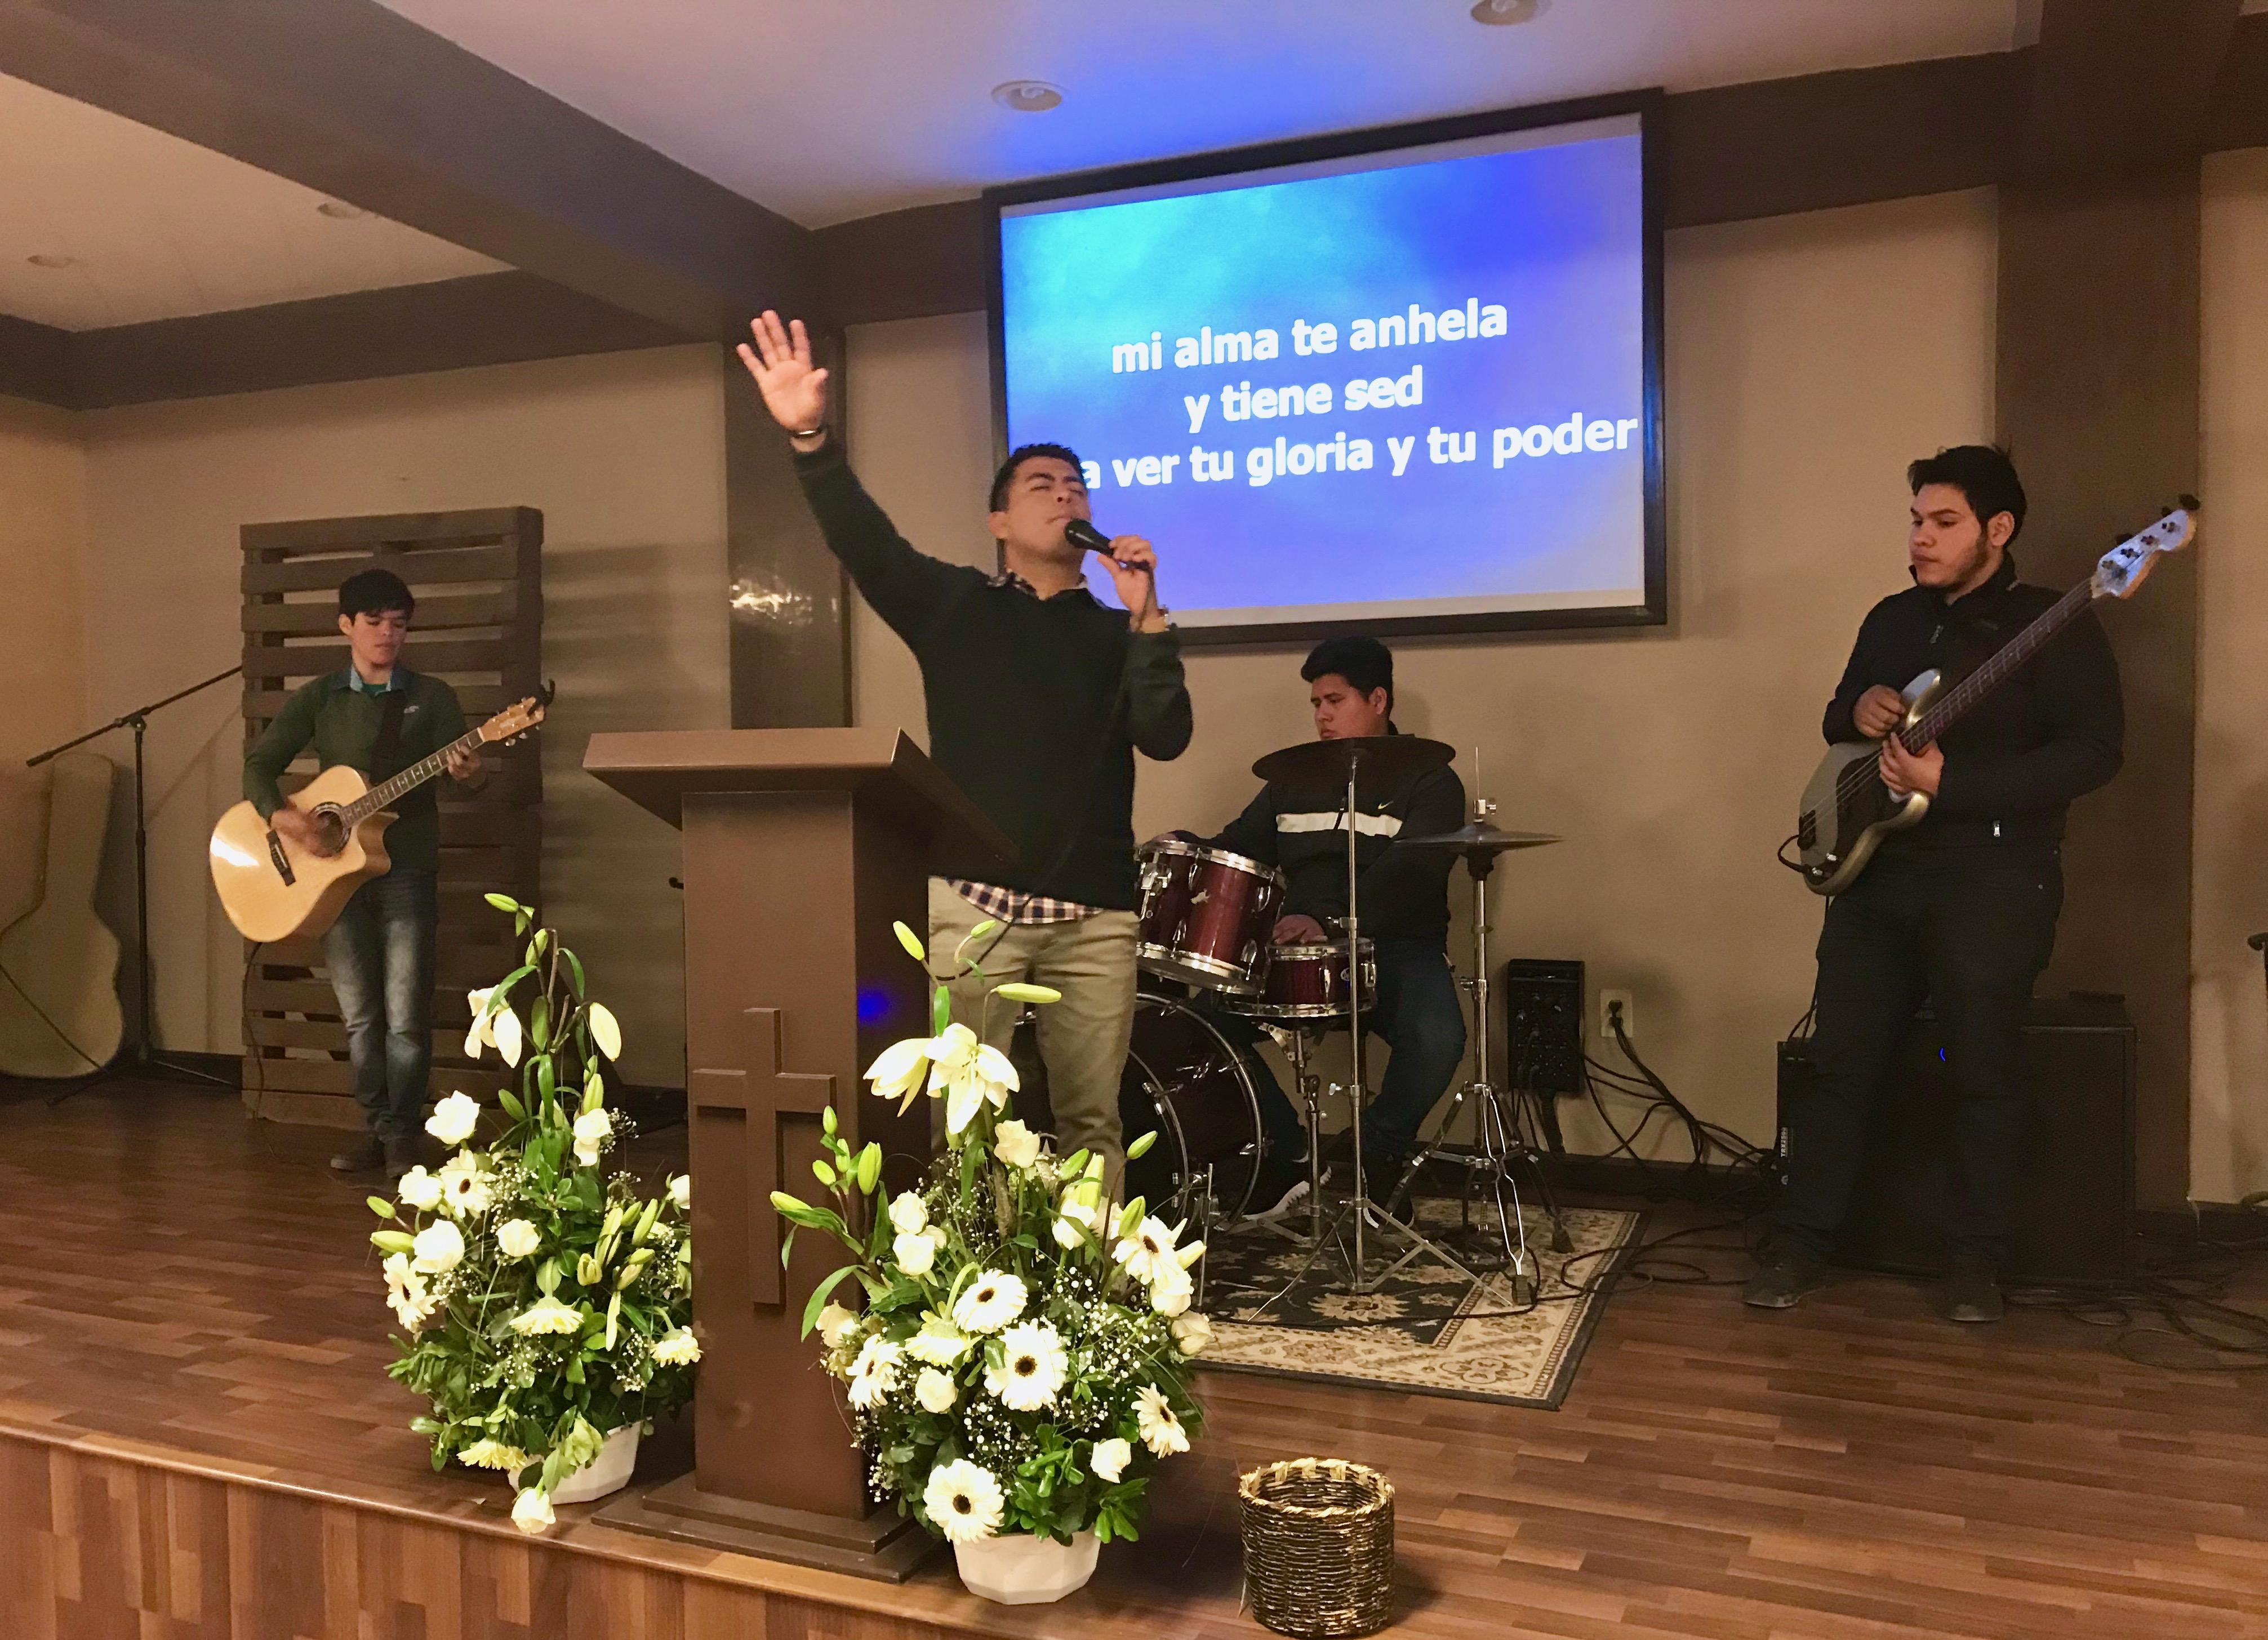 Pastor Abraham Velazquez leading worship